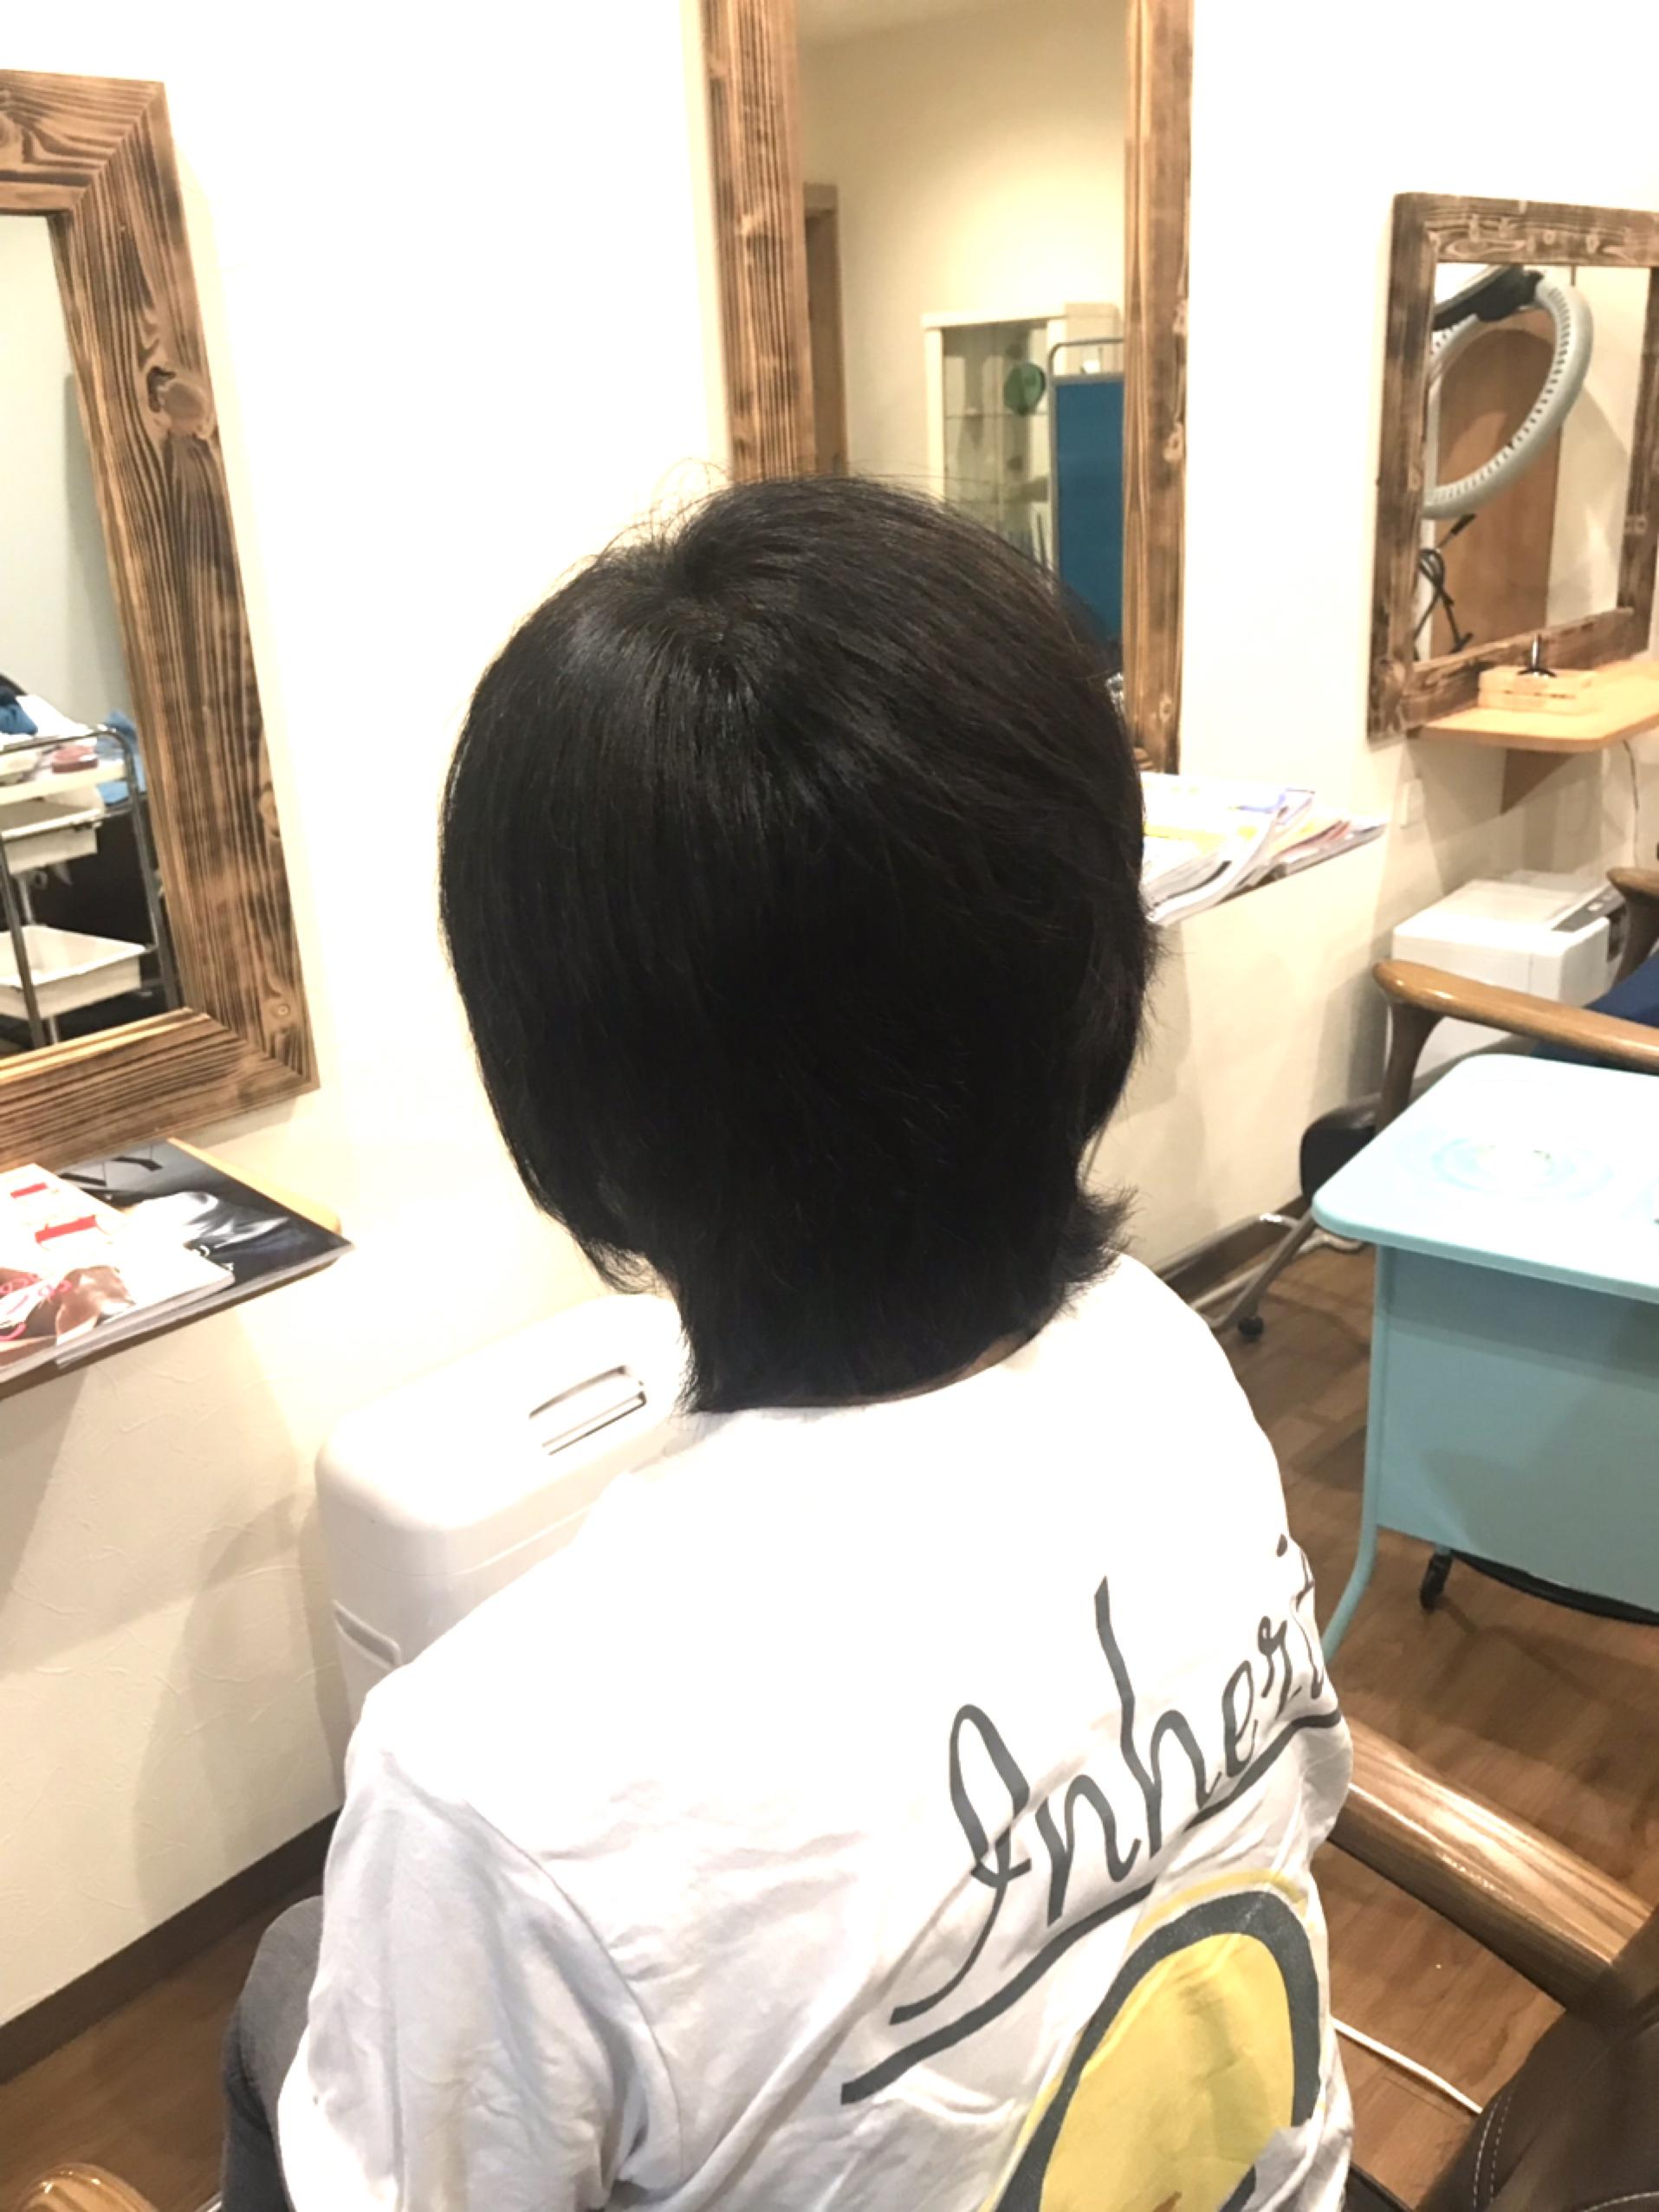 ツヤツヤの髪に変わっている